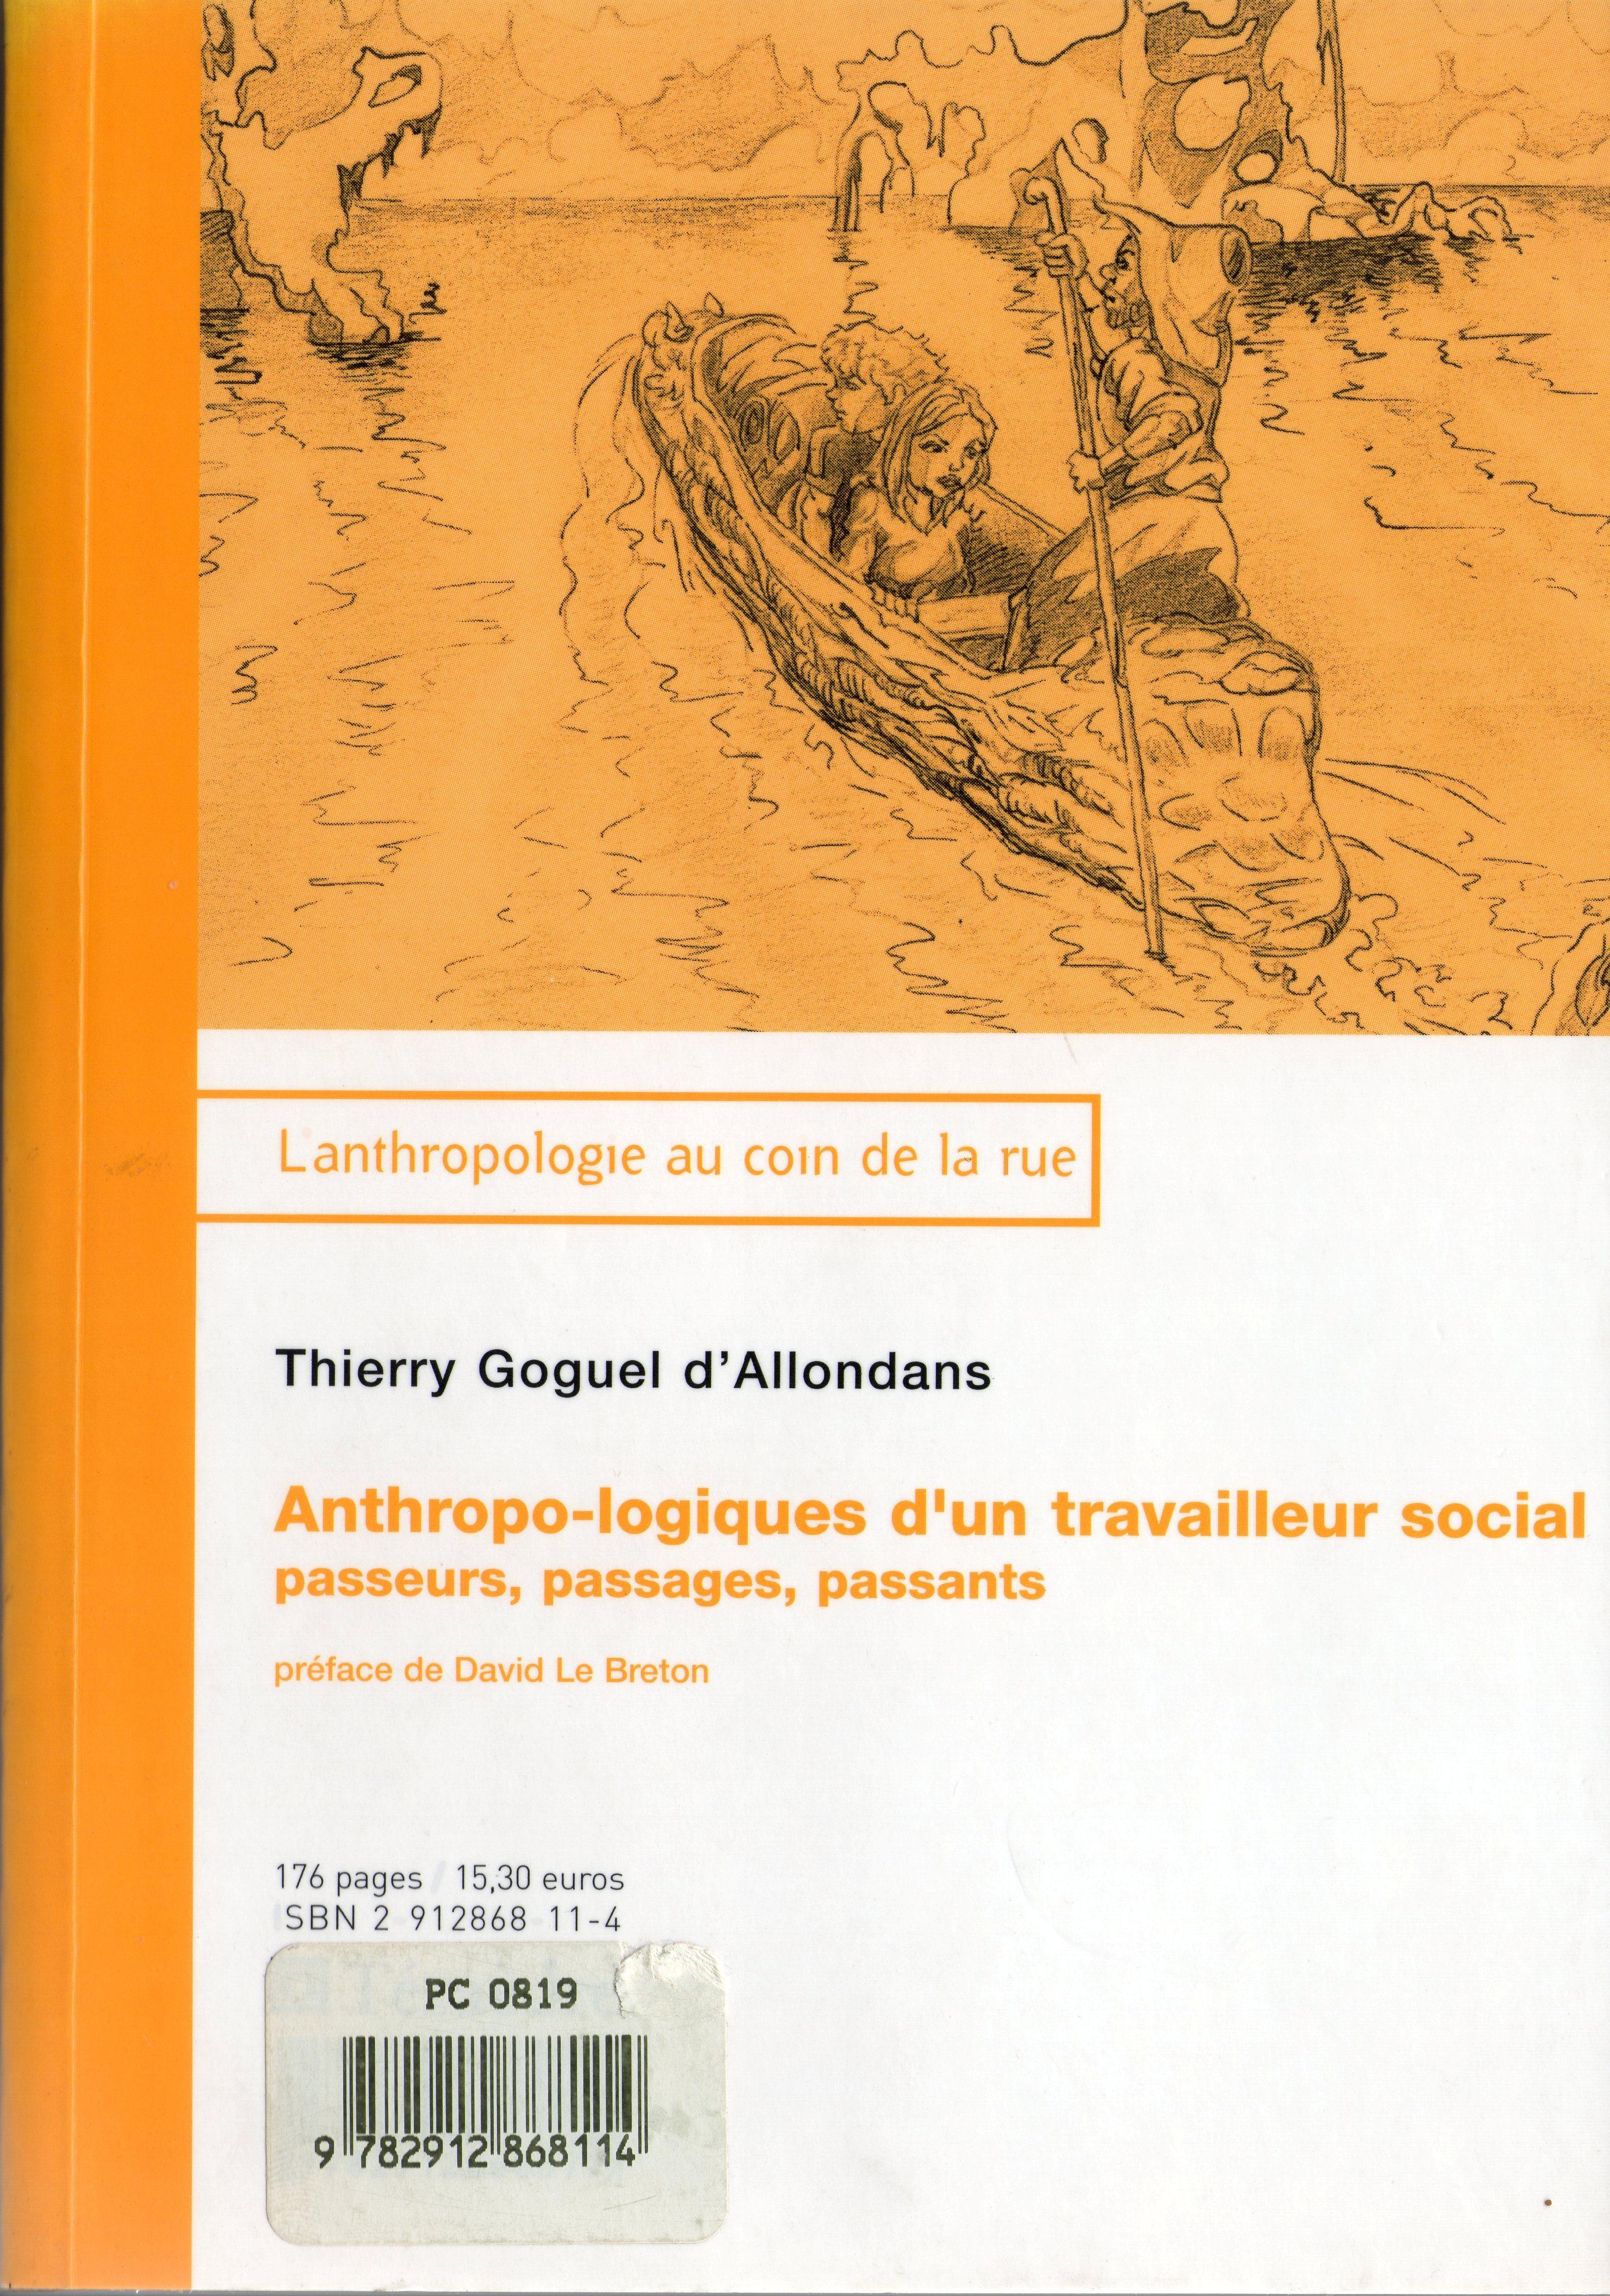 ANTHROPO LOGIQUES D'UN TRAVAILLEUR SOCIAL PASSEURS PASSAGES PASSANTS